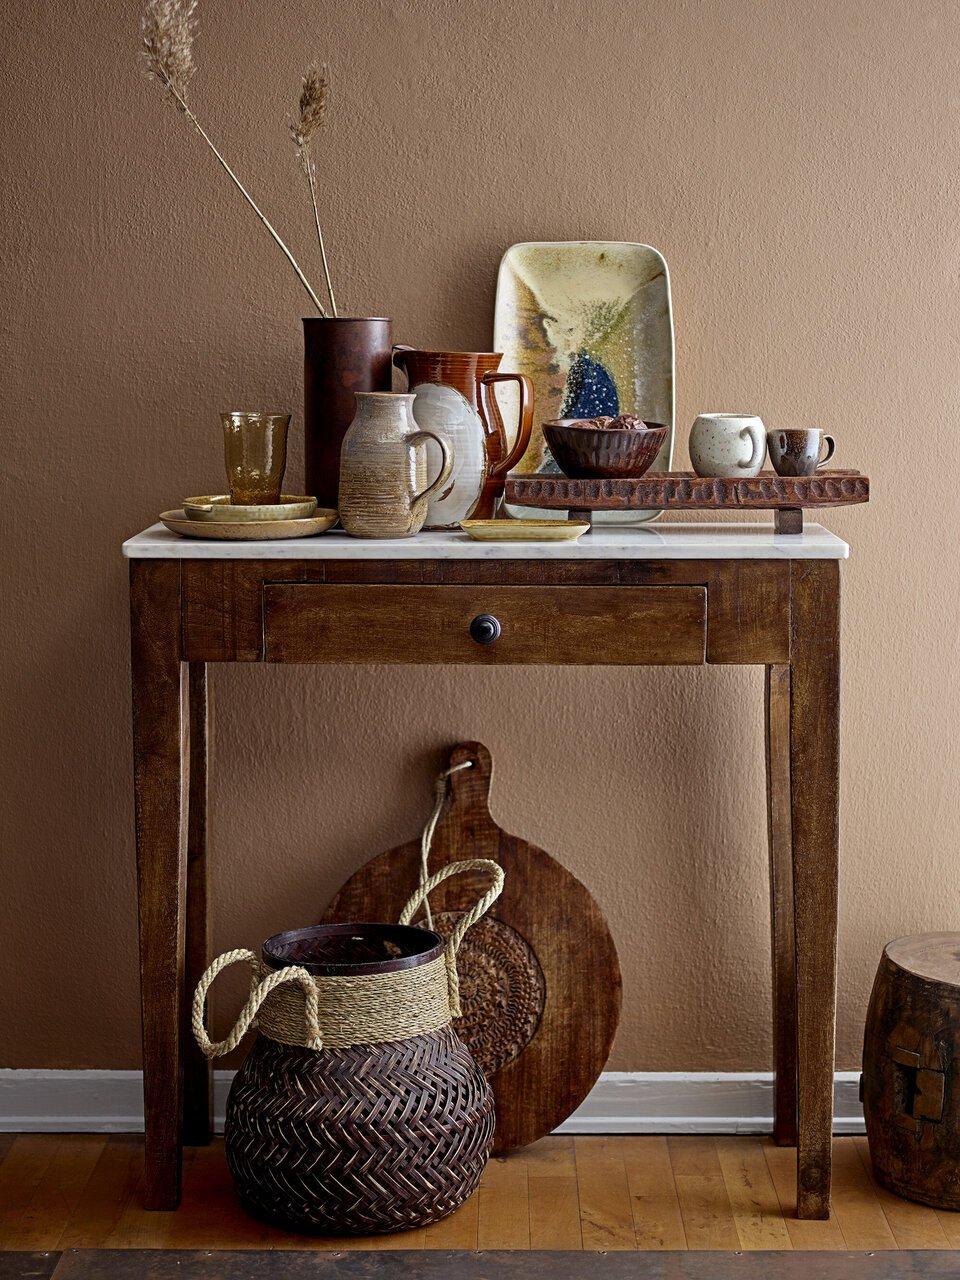 Schönes Kaffeekränzchen mit Bloomingville Saffron & Ginger